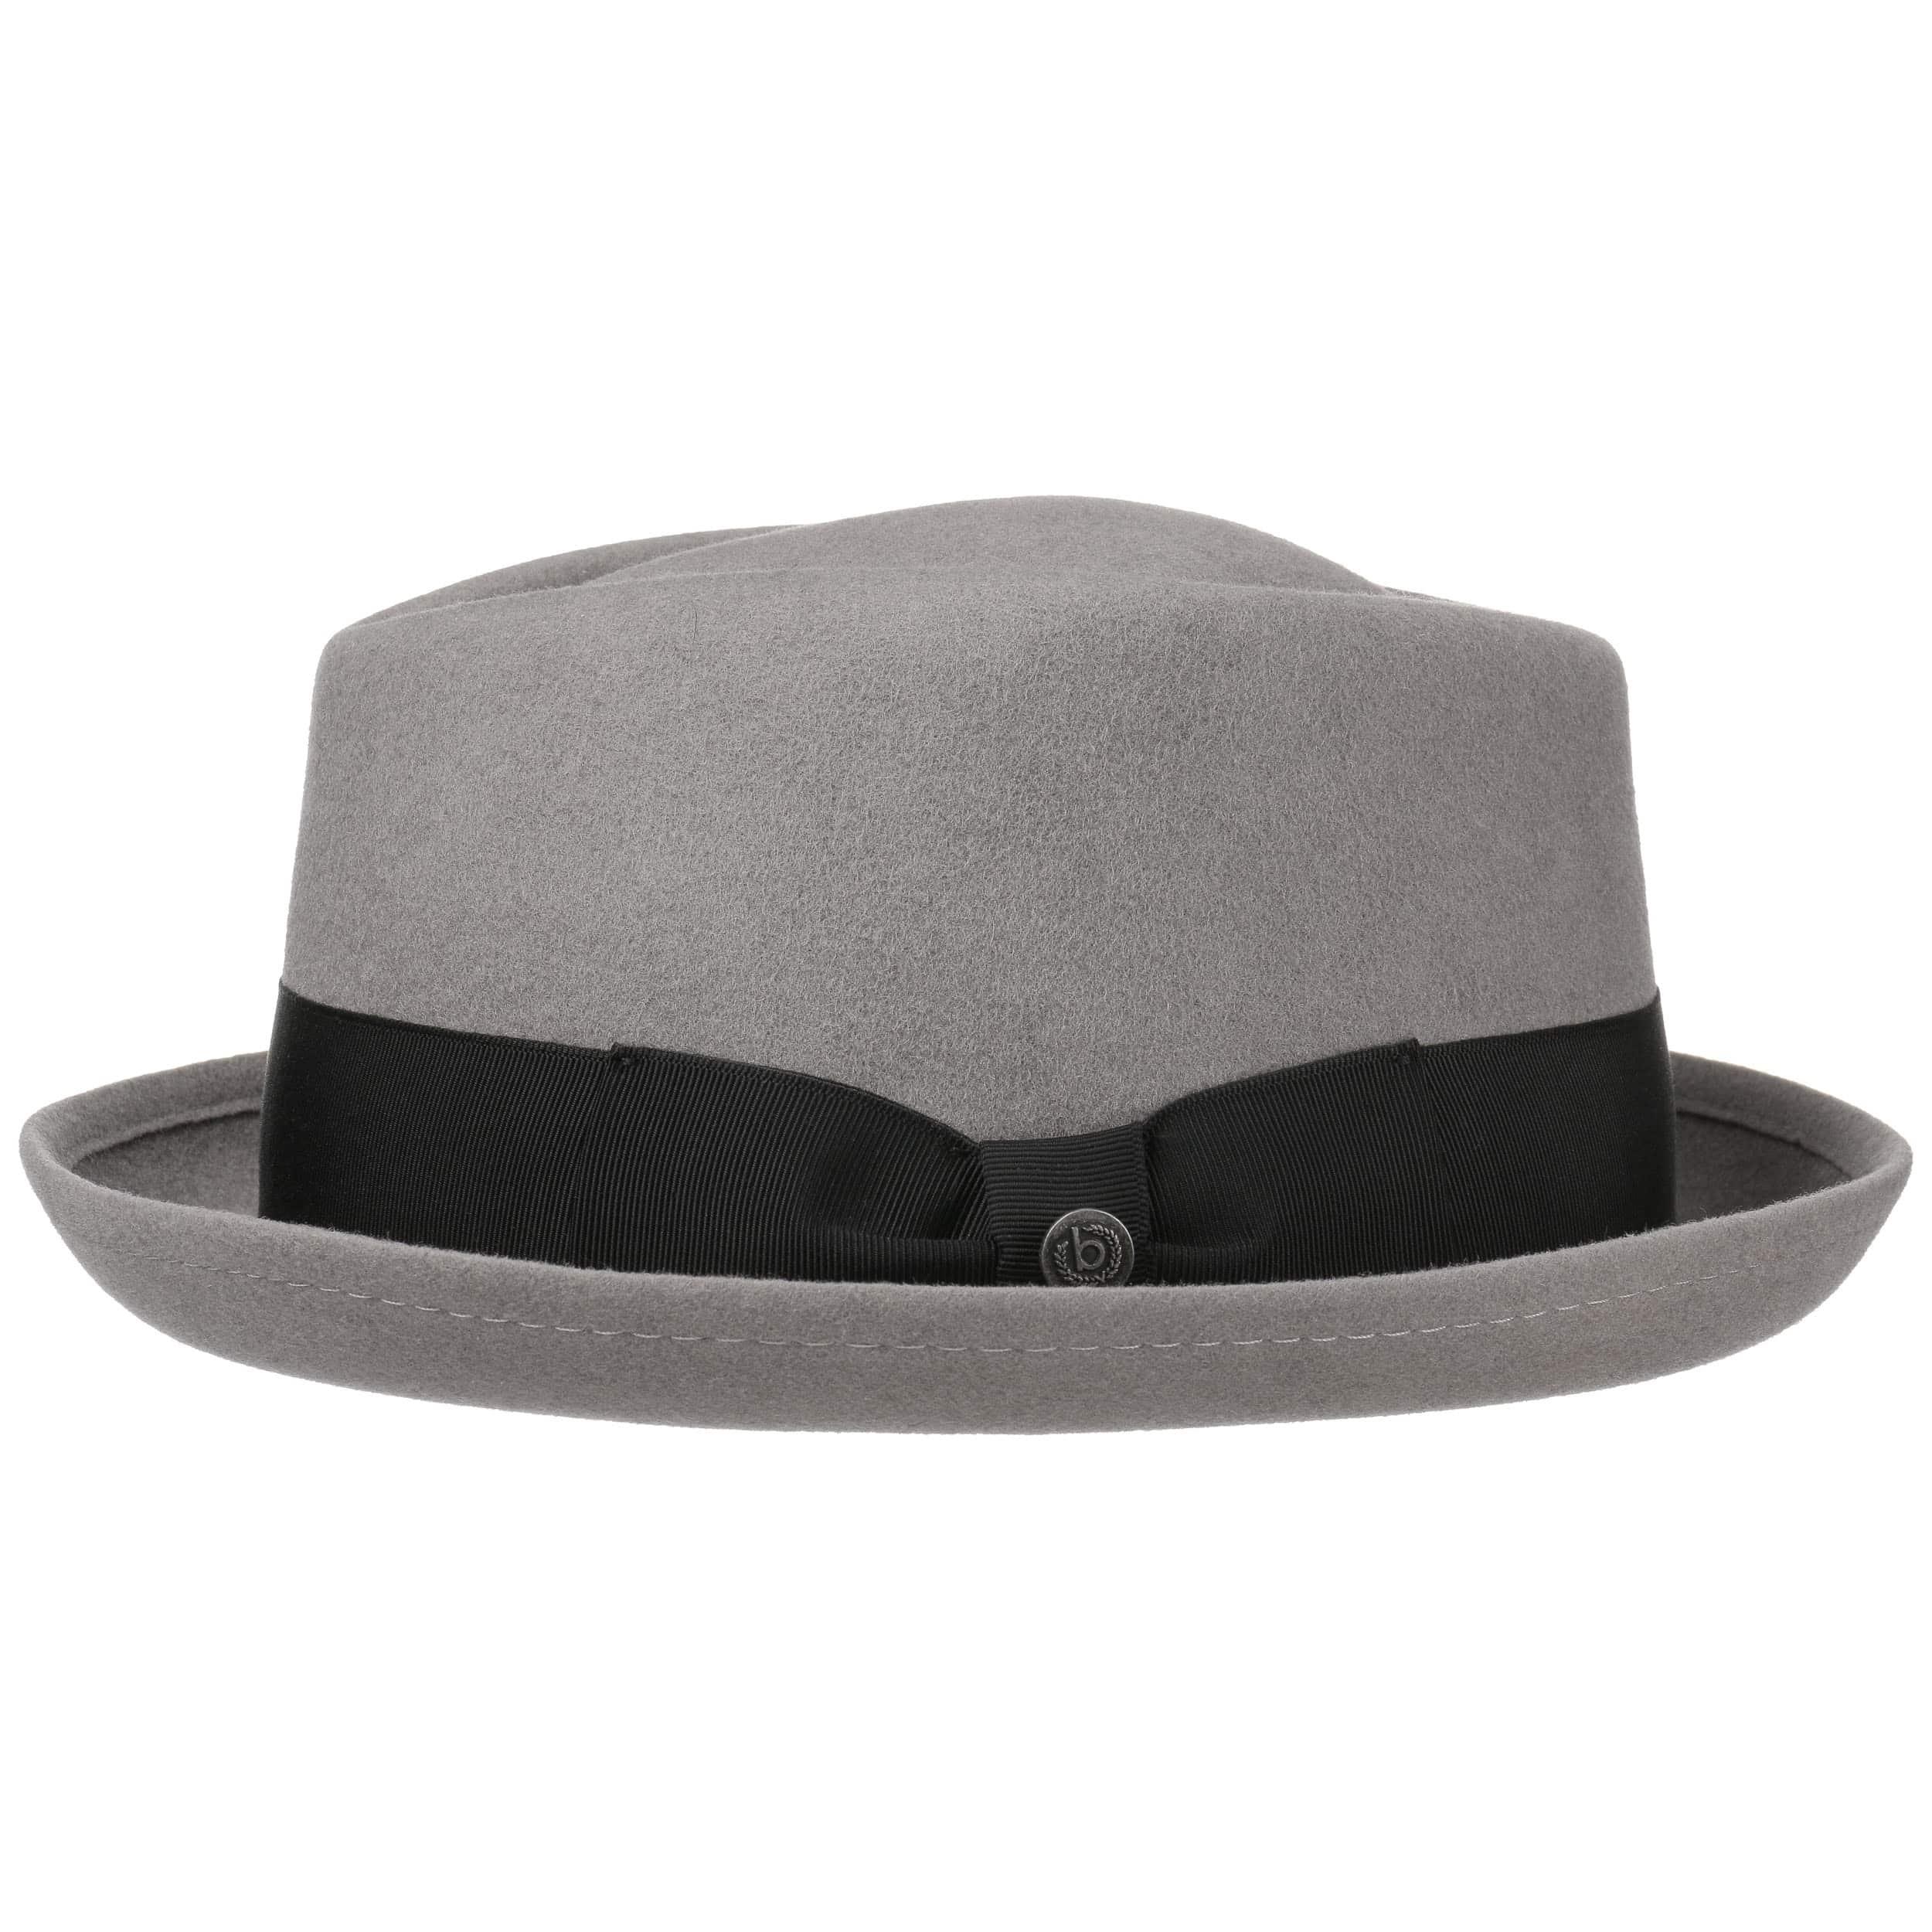 b2ec6827b6f ... Reighsbury Porkpie Hat by bugatti - grey 4